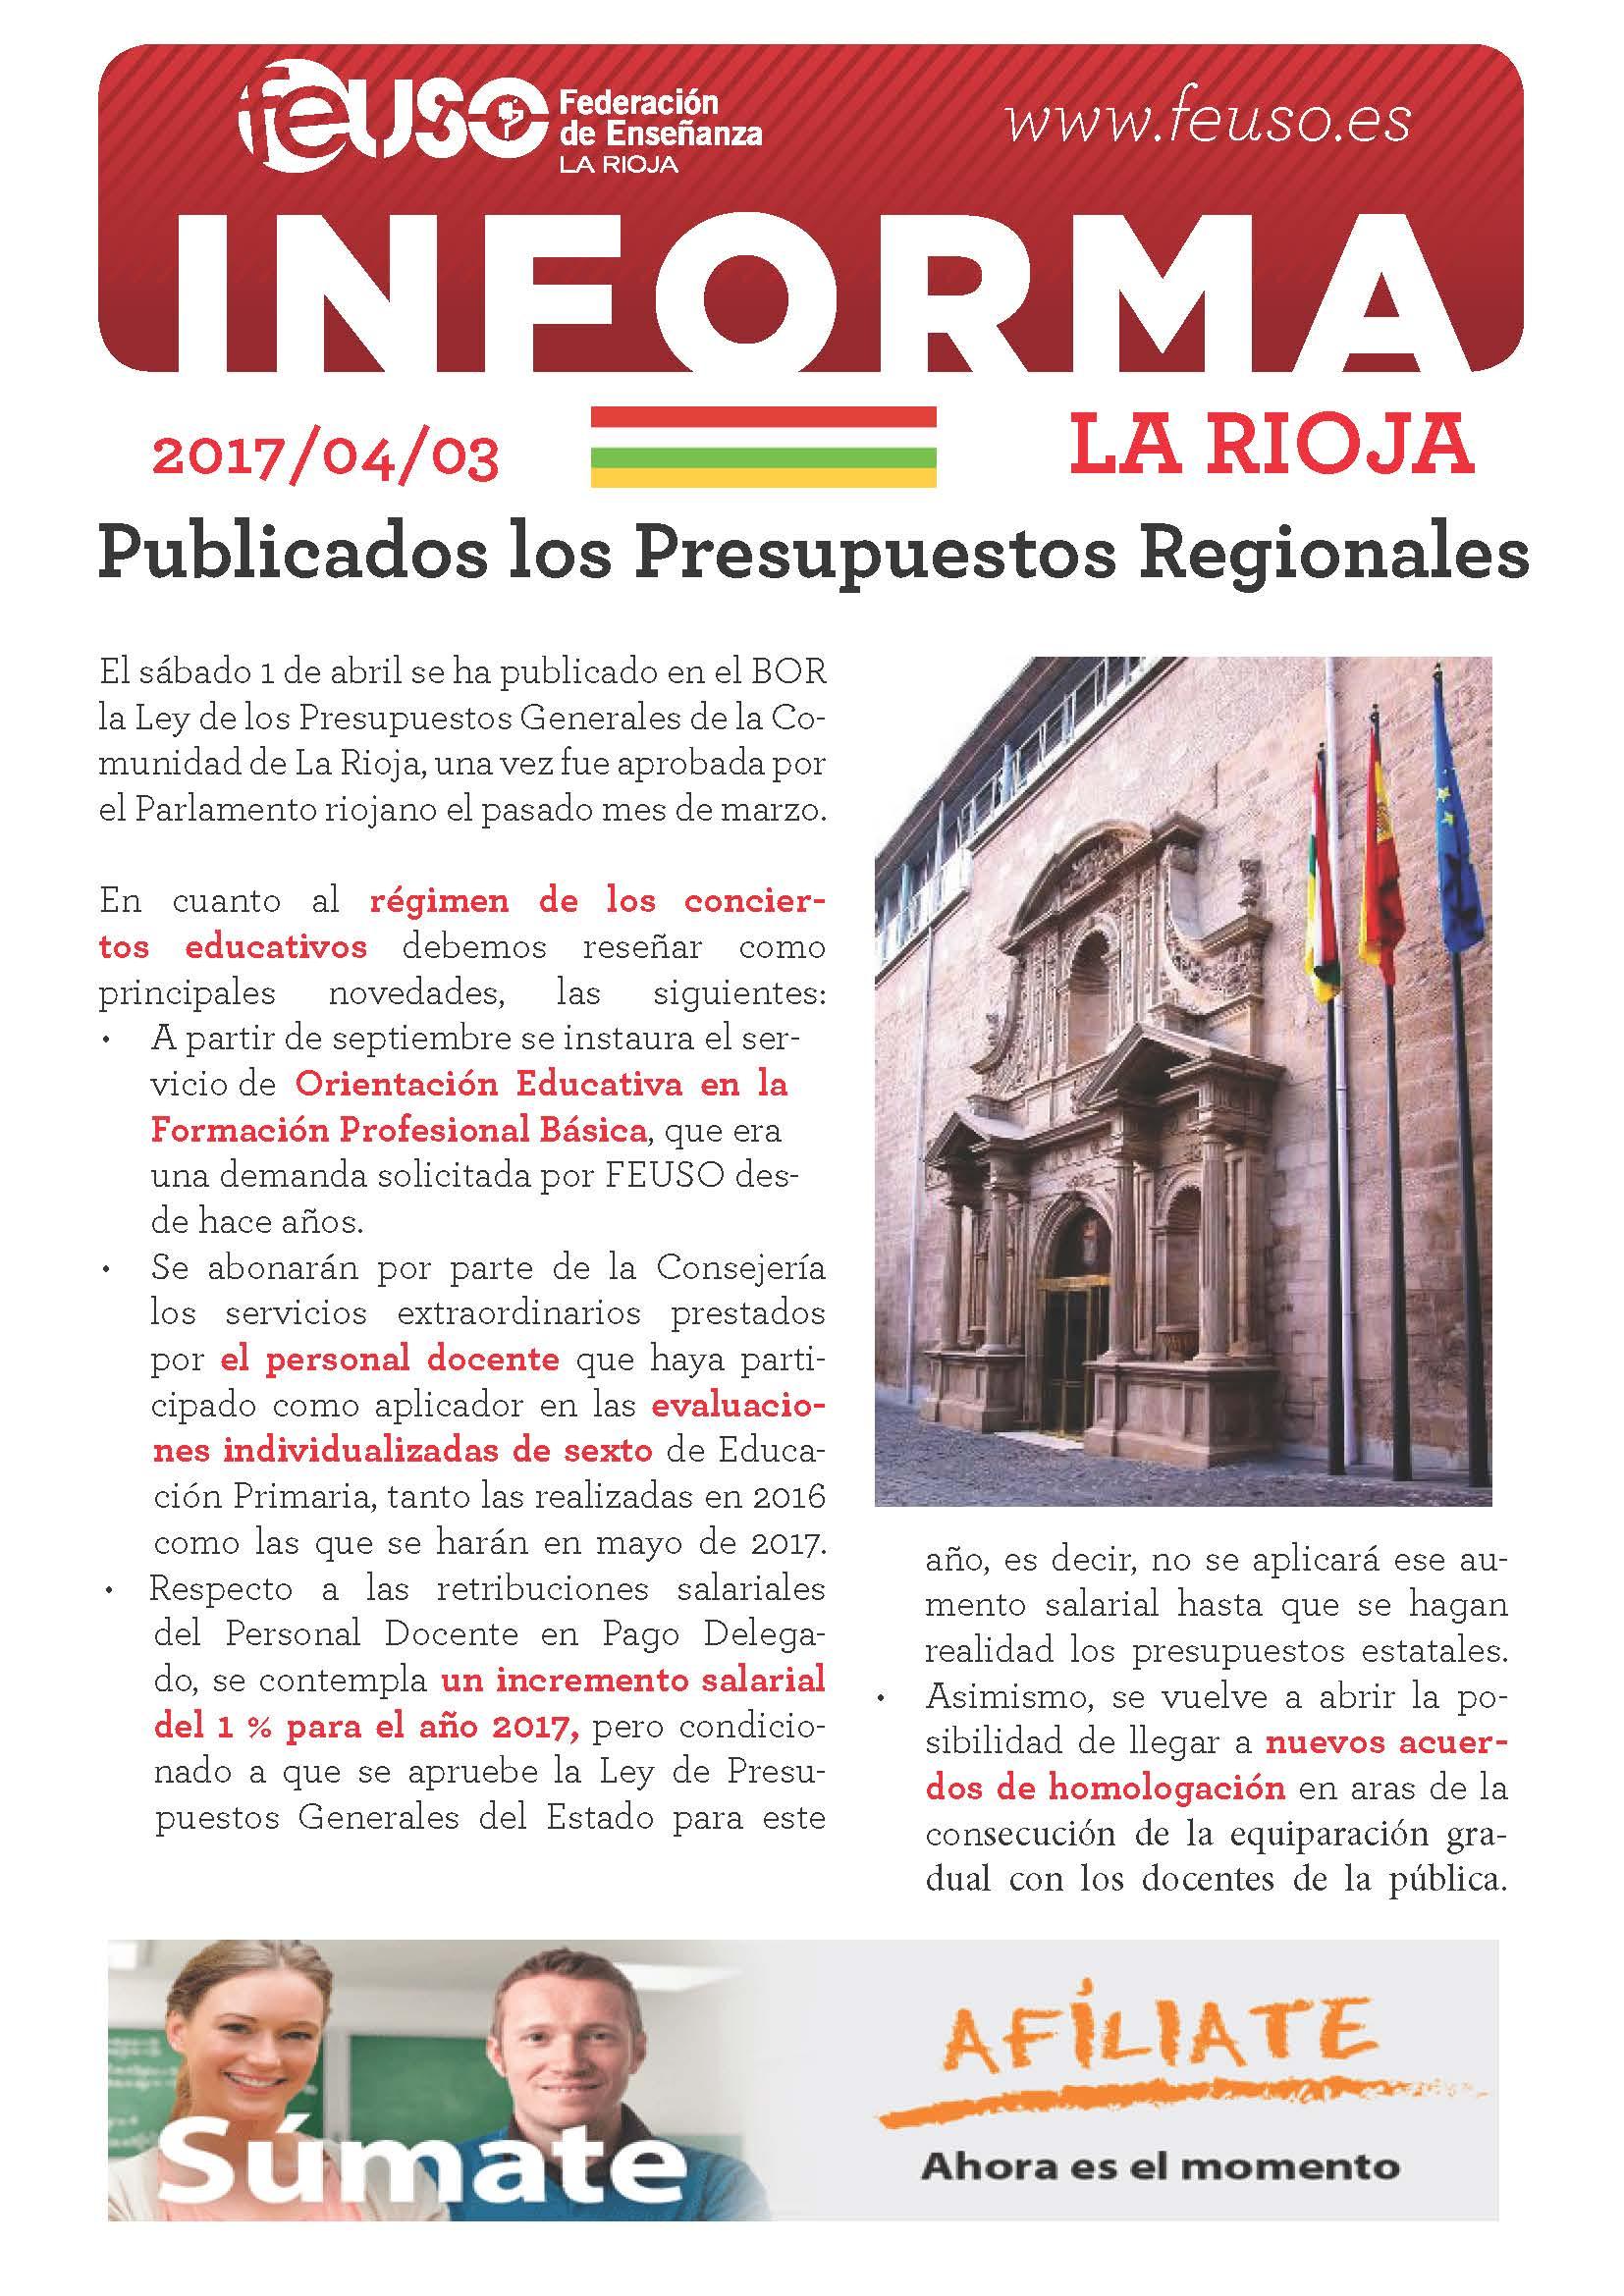 FEUSO INFORMA LA RIOJA 20170403